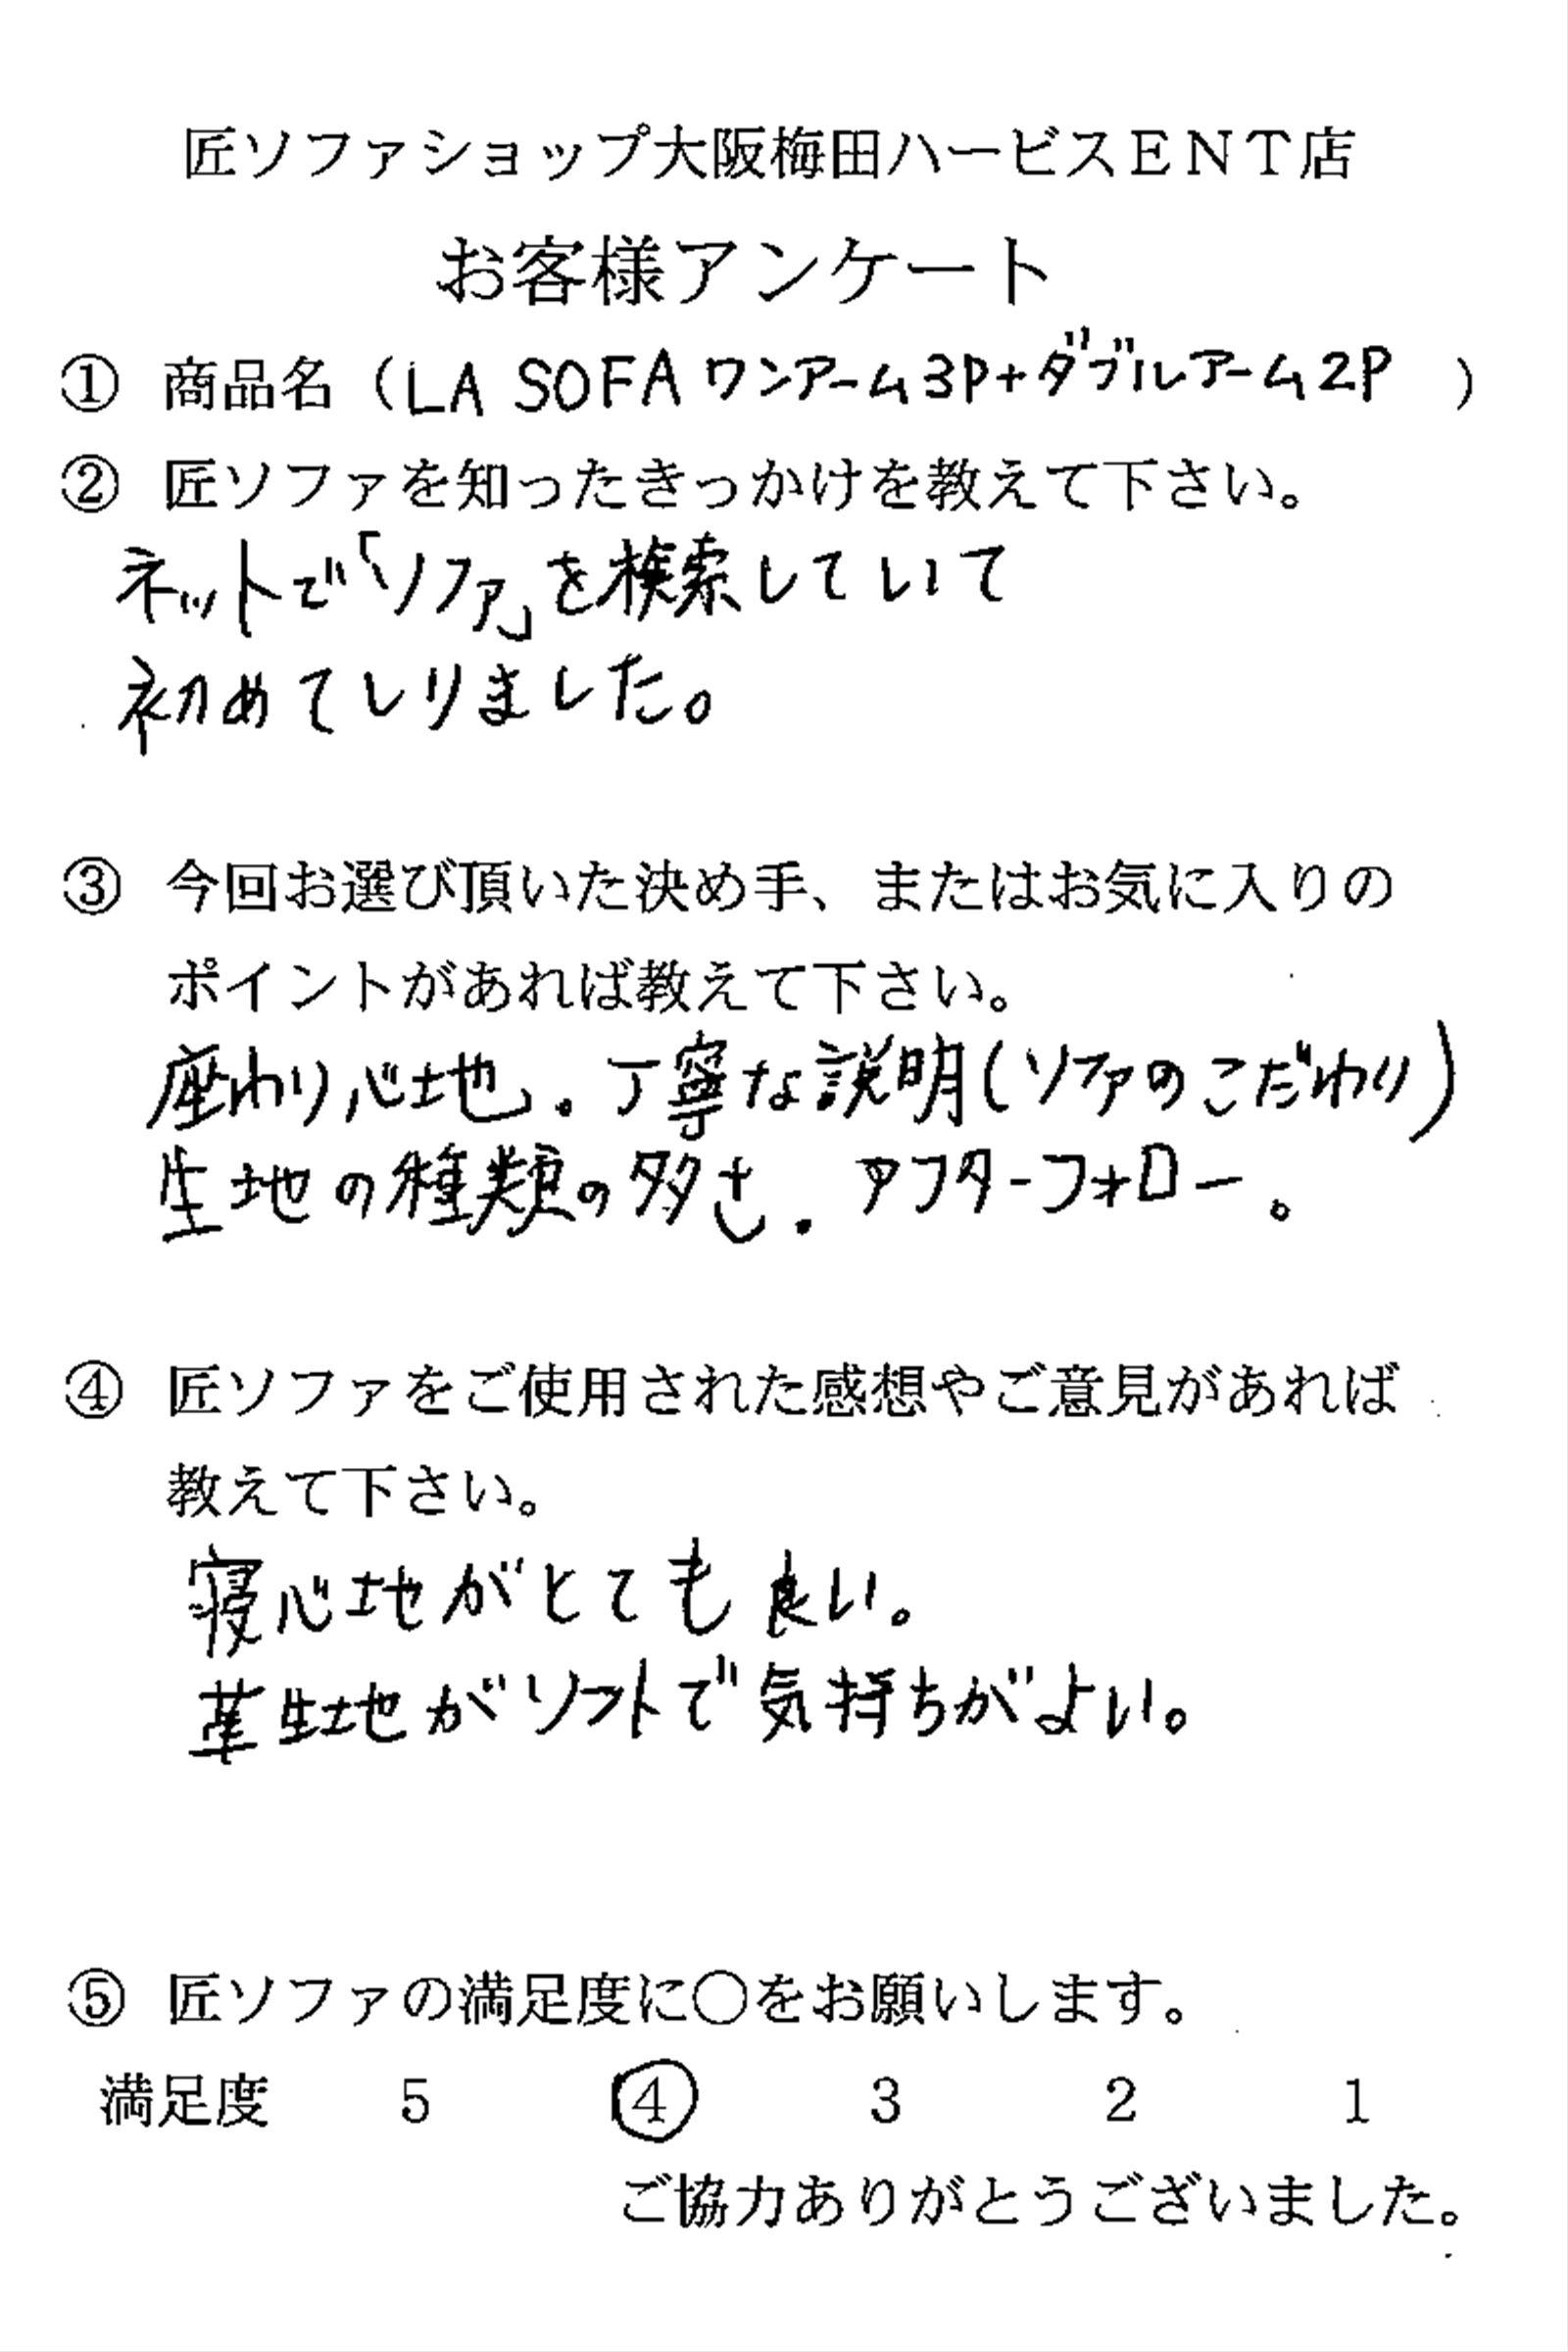 大阪府F様LASOFA